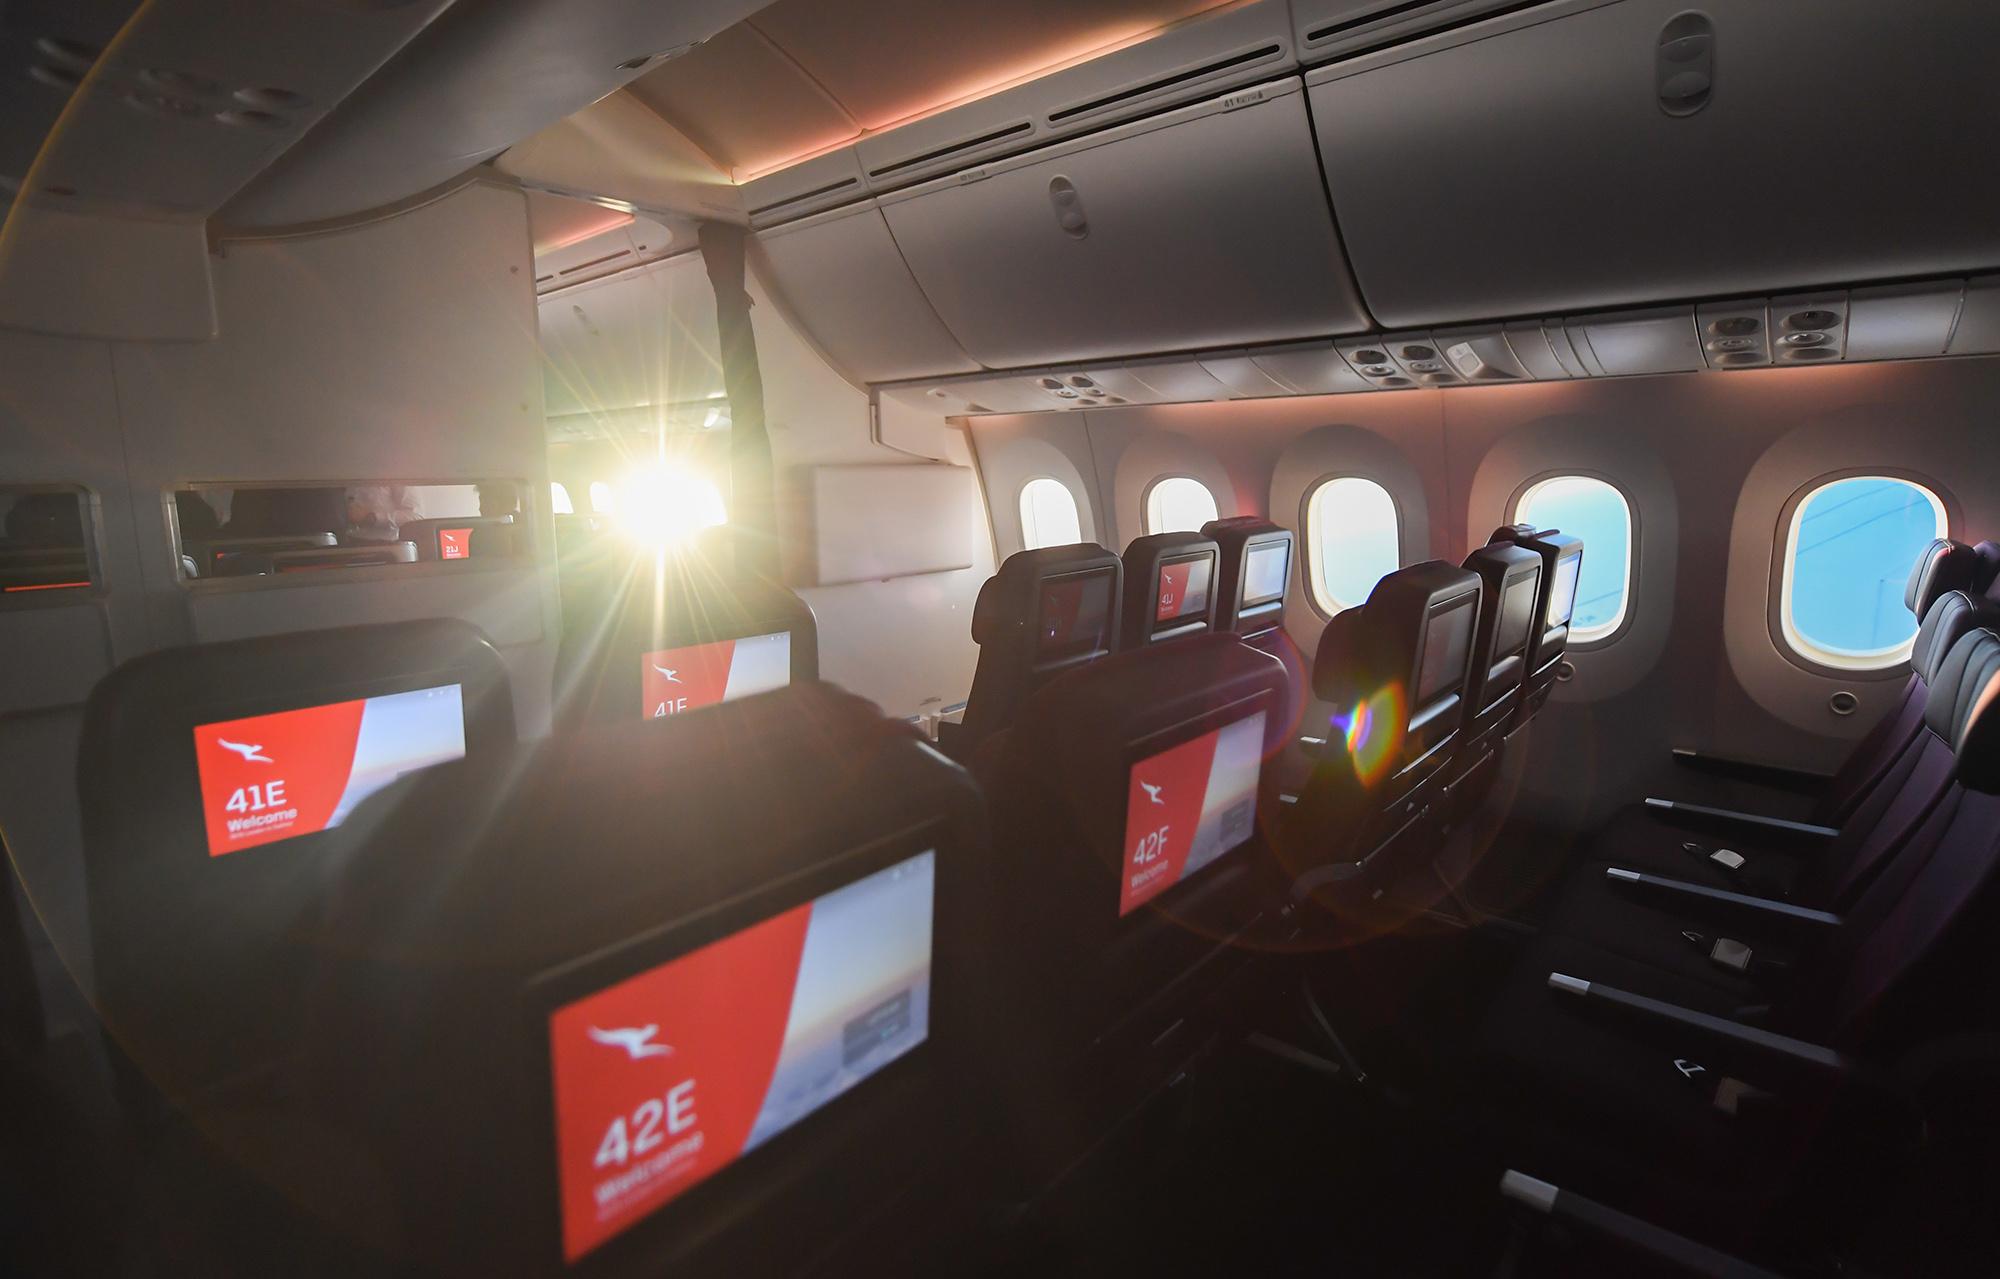 QF 789 Economy (Qantas)